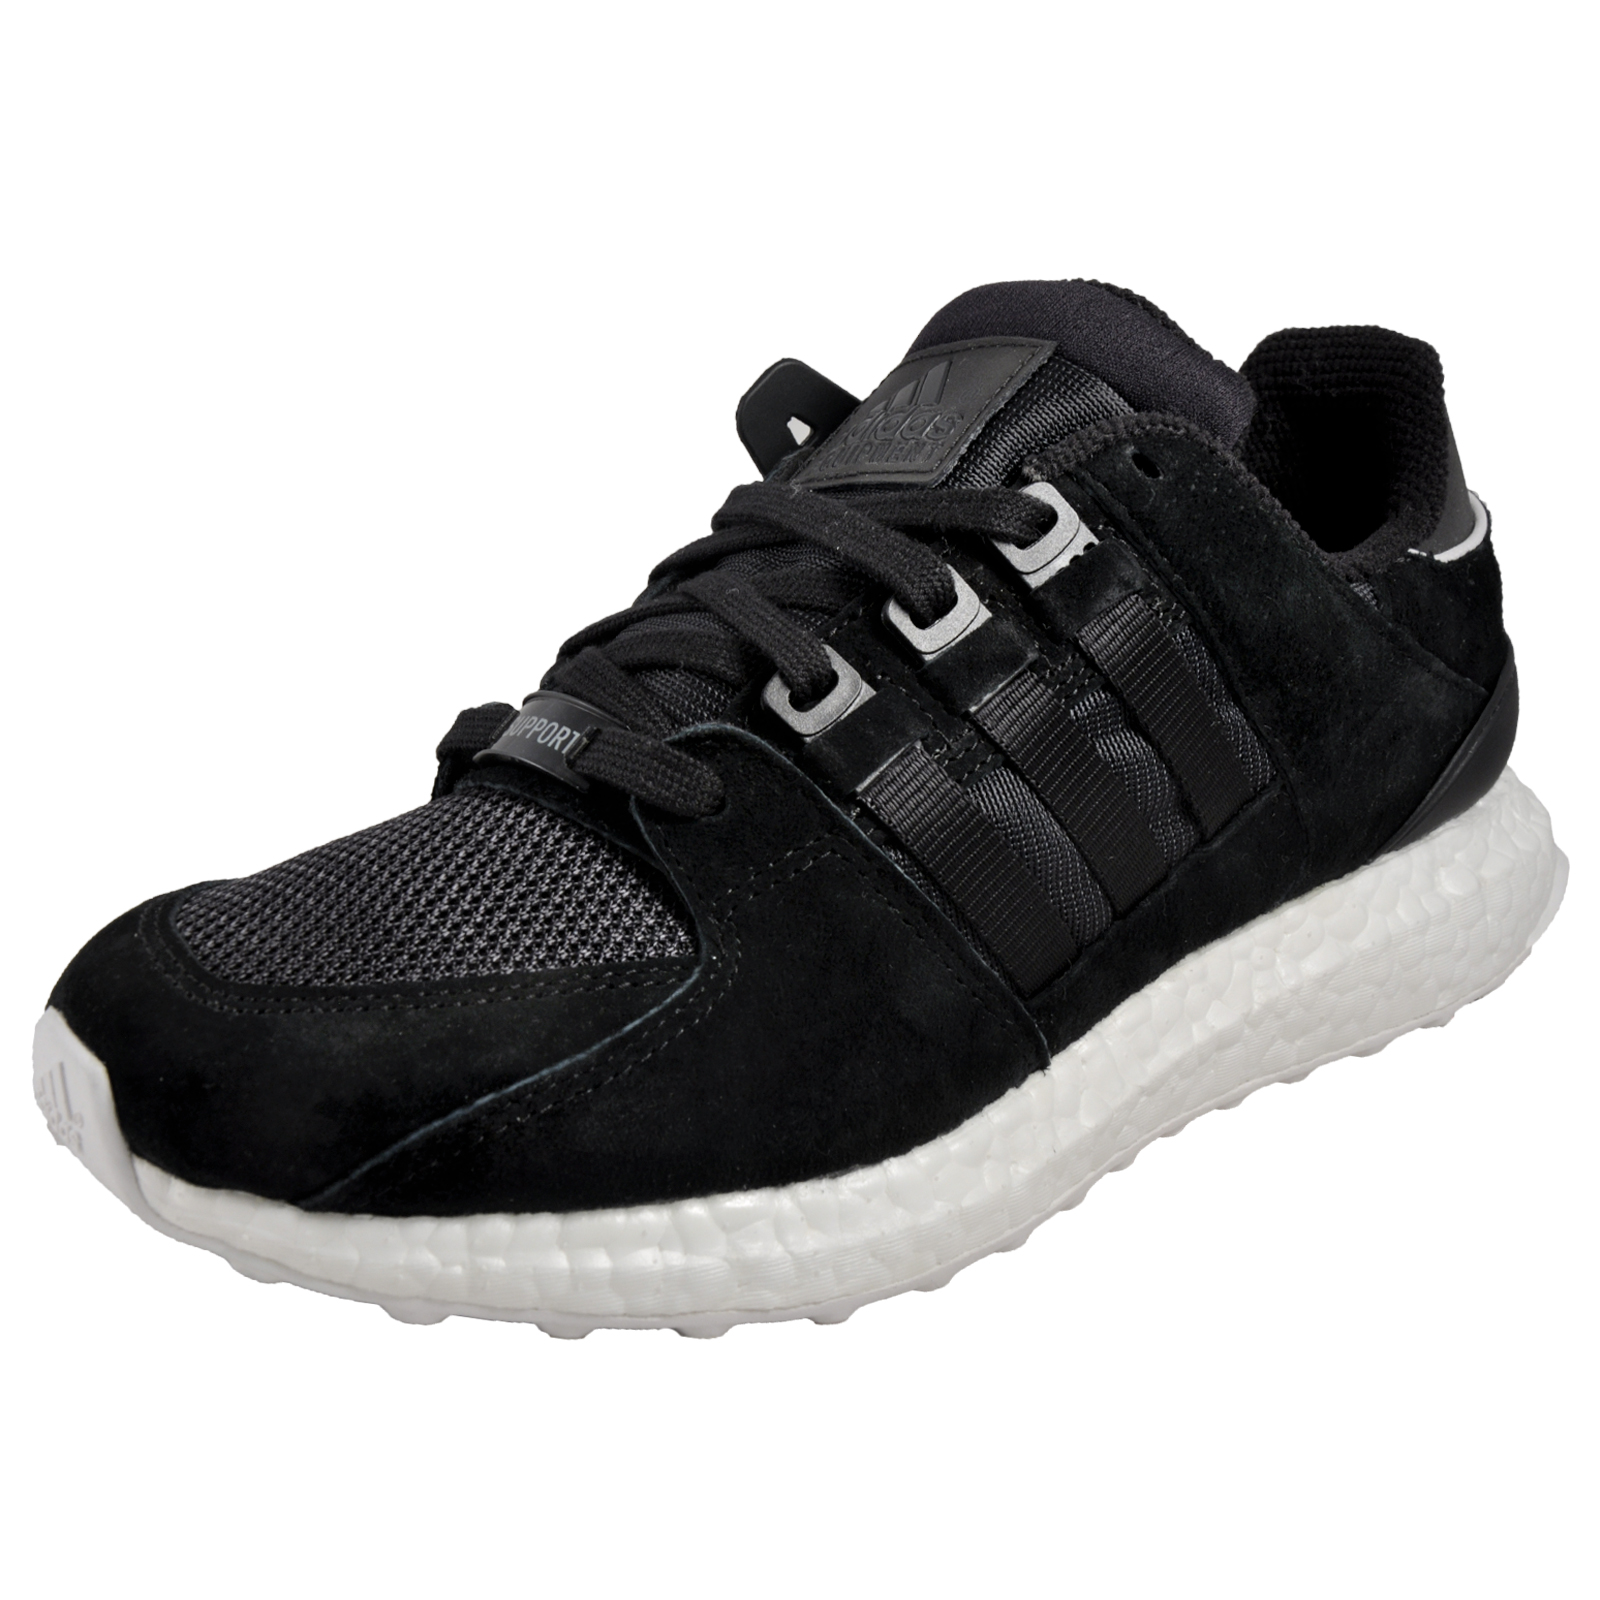 e8a65ec0f6de Adidas Originals Equipment Support 93 Boost Mens Classic Casual Retro  Trainers Black